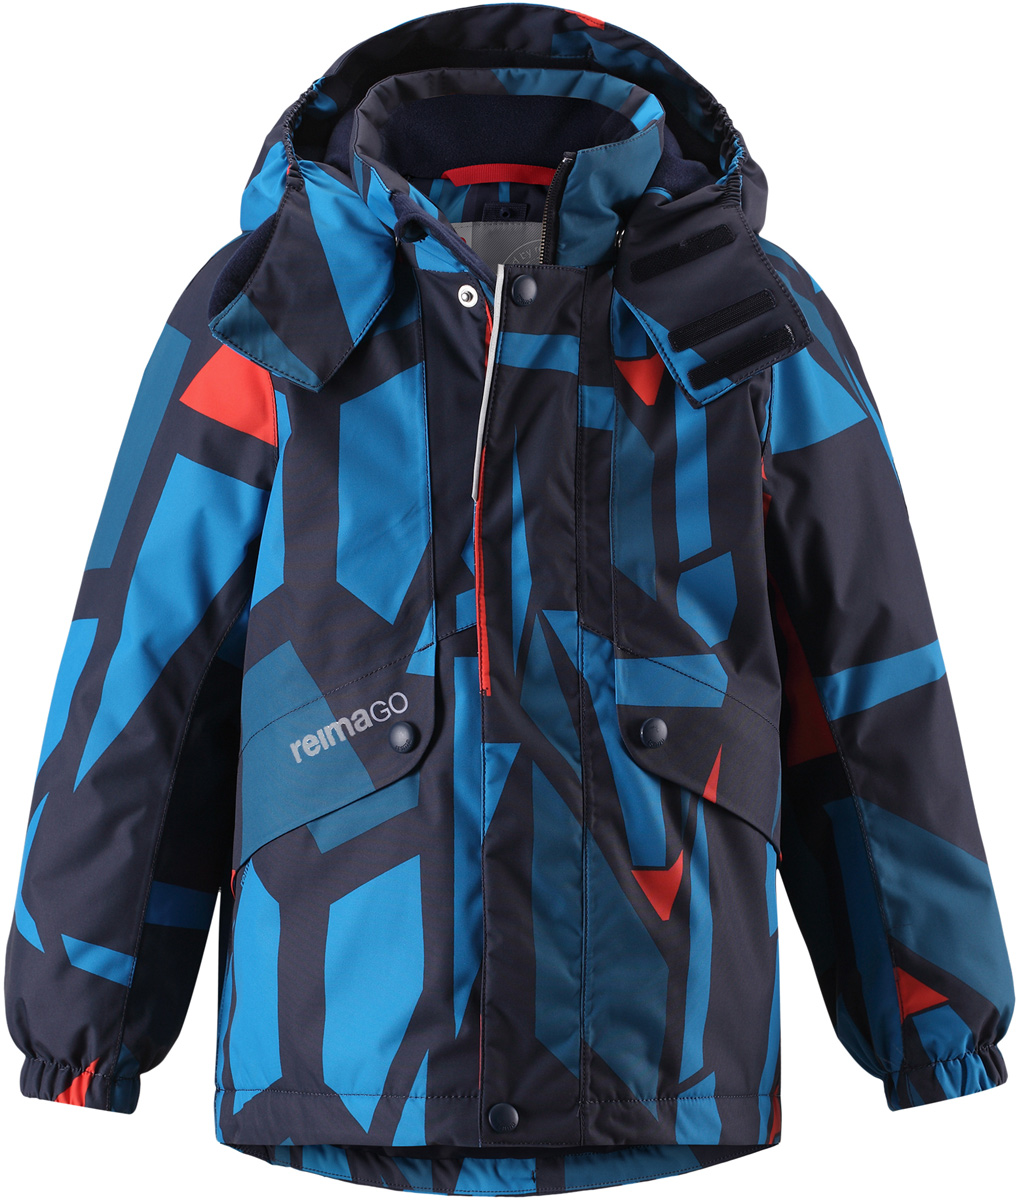 Куртка детская Reima Reimatec Elo, цвет: темно-синий, синий. 5215156981. Размер 1045215156981Детская абсолютно непромокаемая зимняя куртка Reimatec изготовлена из водо- и ветронепроницаемого, прочного и дышащего материала, который эффективно отталкивает грязь. Все швы проклеены, водонепроницаемы. В этой модели прямого покроя подол при необходимости легко регулируется, что позволяет подогнать куртку точно по фигуре. Съемный и регулируемый капюшон защищает от пронизывающего ветра и проливного дождя, а еще он безопасен во время игр на свежем воздухе. С помощью удобной системы кнопок Play Layers к этой куртке можно присоединять одежду промежуточного слоя Reima, которая подарит вашему ребенку дополнительное тепло и комфорт. В куртке предусмотрены два кармана на молнии, внутренний нагрудный карман, карман для сенсора ReimaGO и множество светоотражающих деталей.Средняя степень утепления.